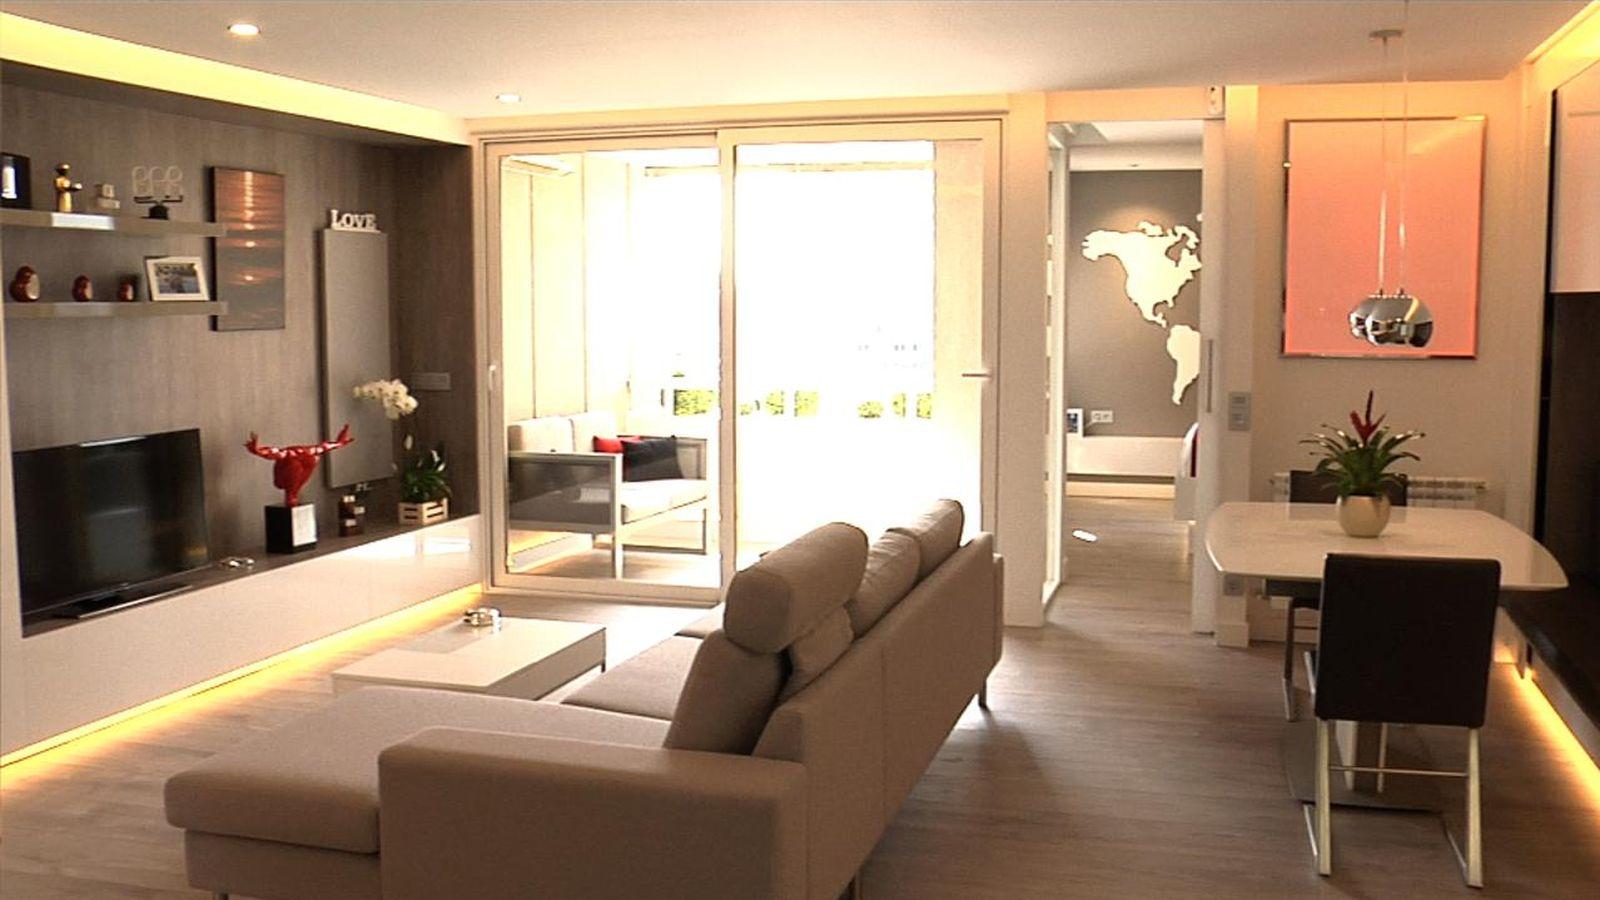 Comprar casa un 10 m s barato invertir en la - Adsl para casa barato ...